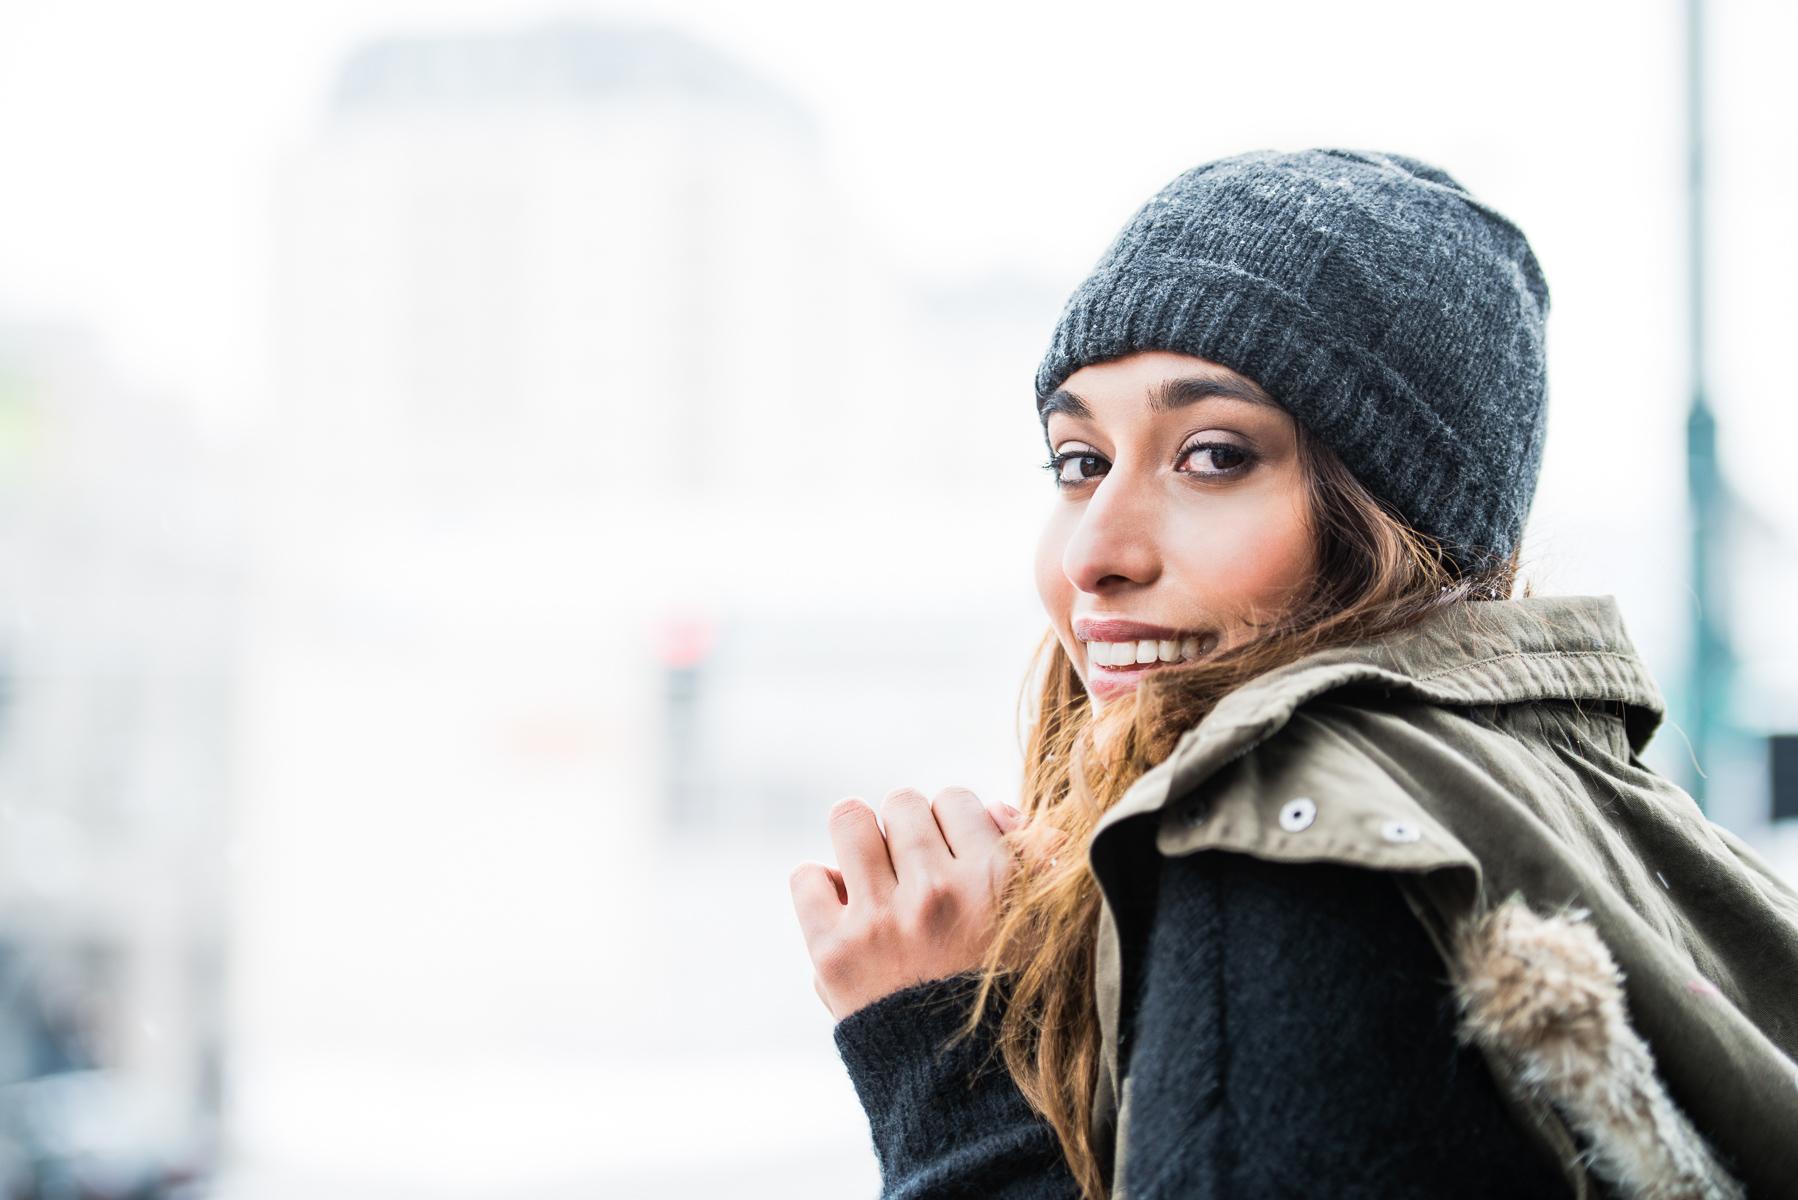 002-Women-Winter-Hat-Outdoor-Photo.jpg